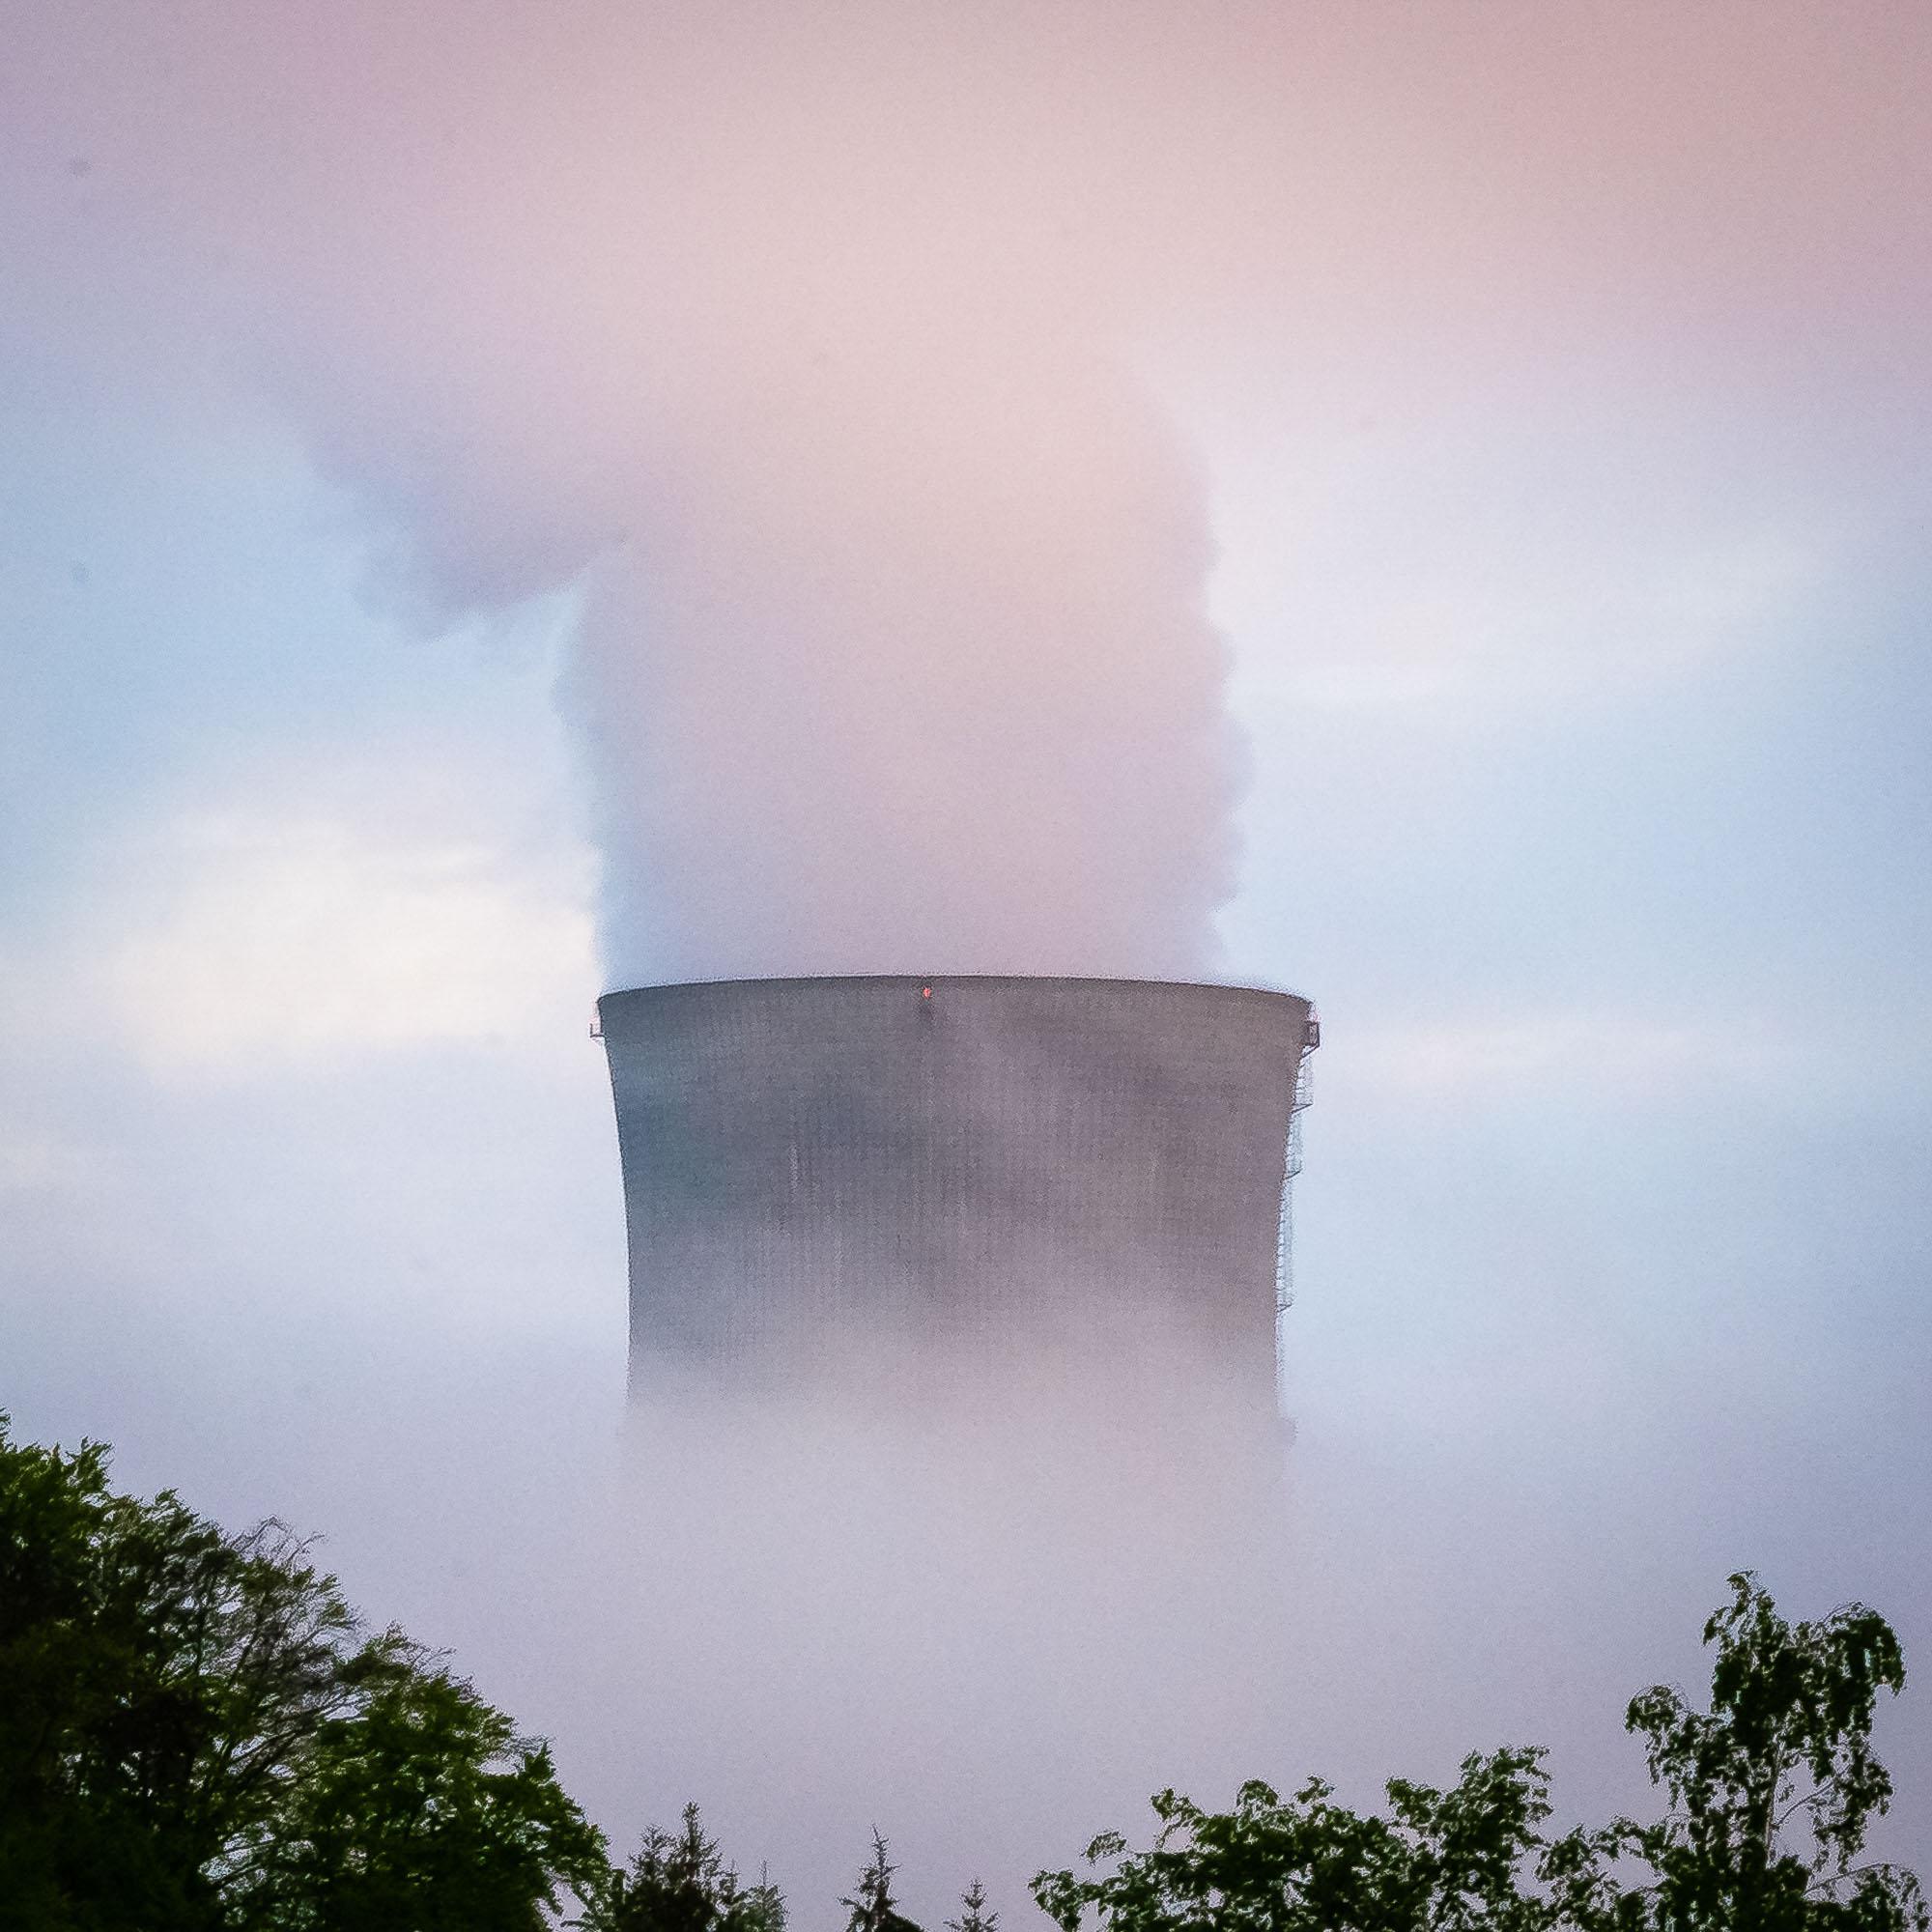 schneehaesli / Power Plant